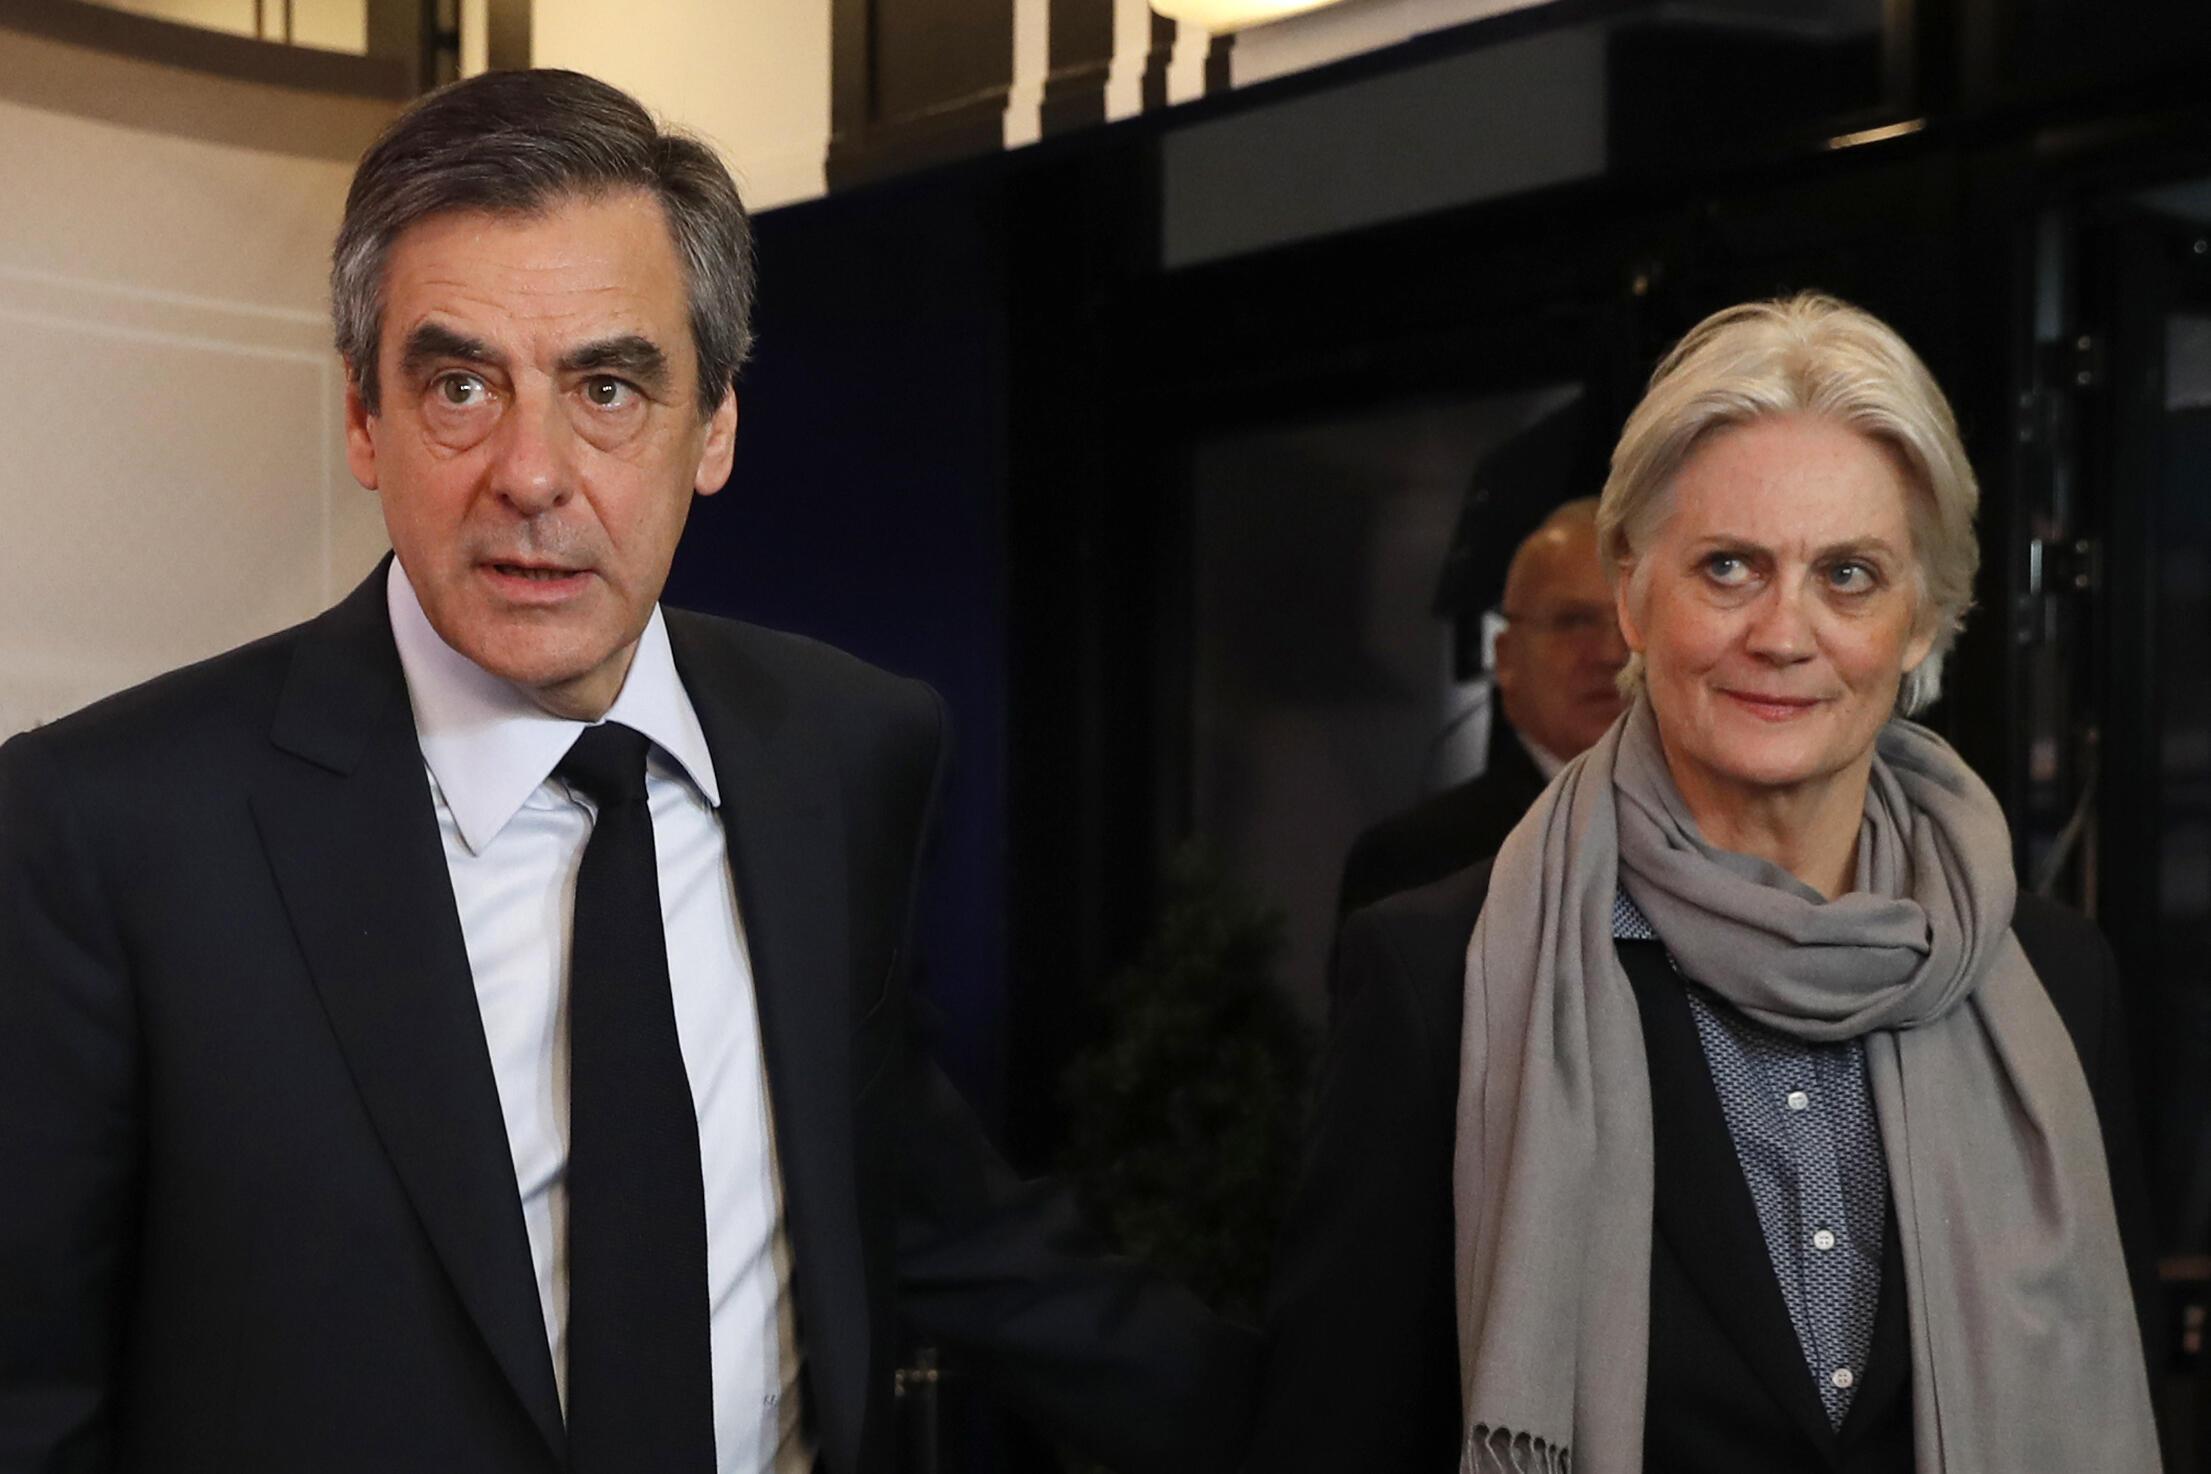 François Fillon et sa femme Pénélope Fillon avant un débat télévisé dans le cadre de la présidentielle de 2017, le 20 mars 2017.